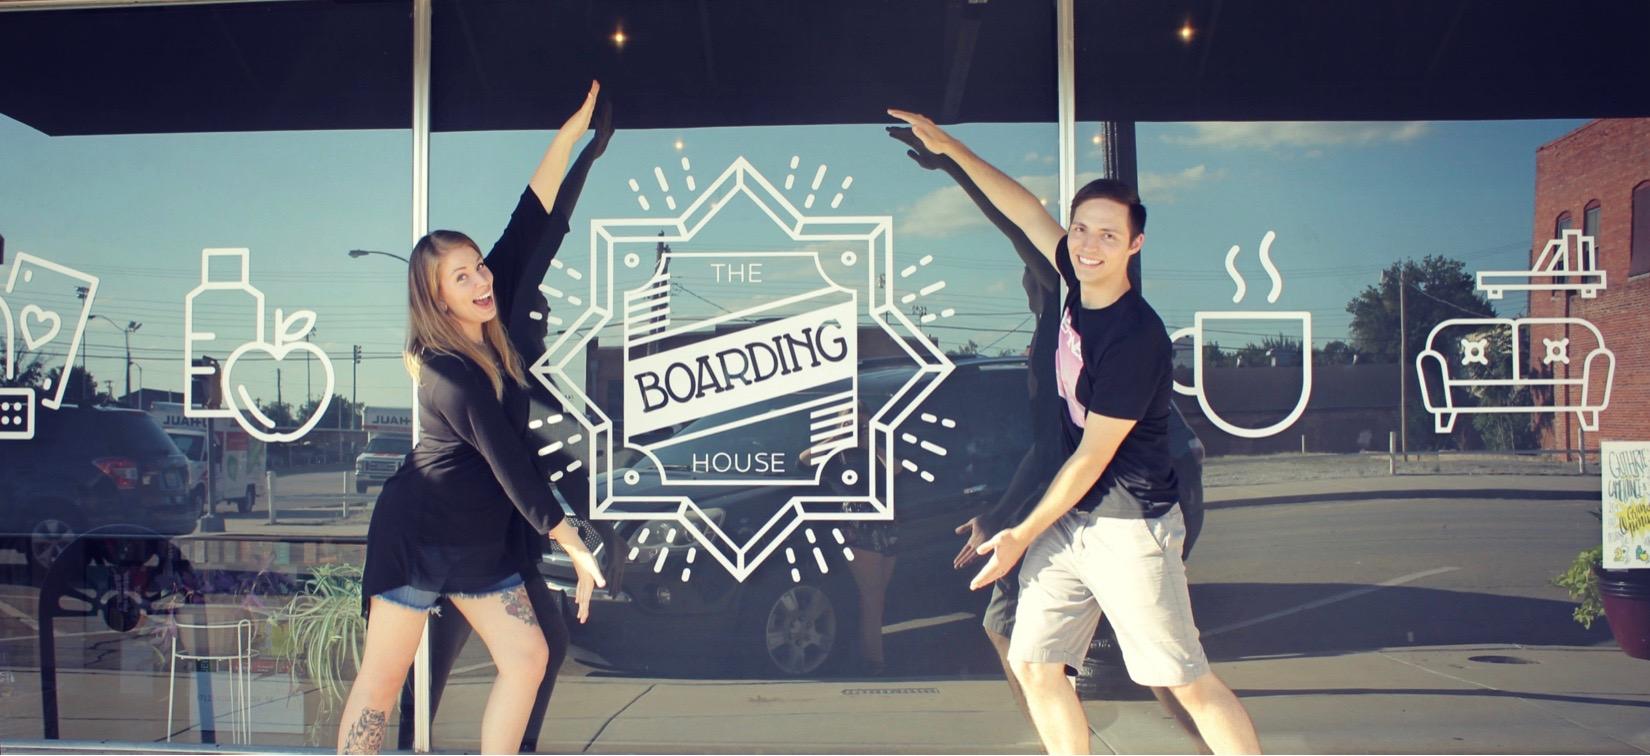 Boarding Game House.jpg